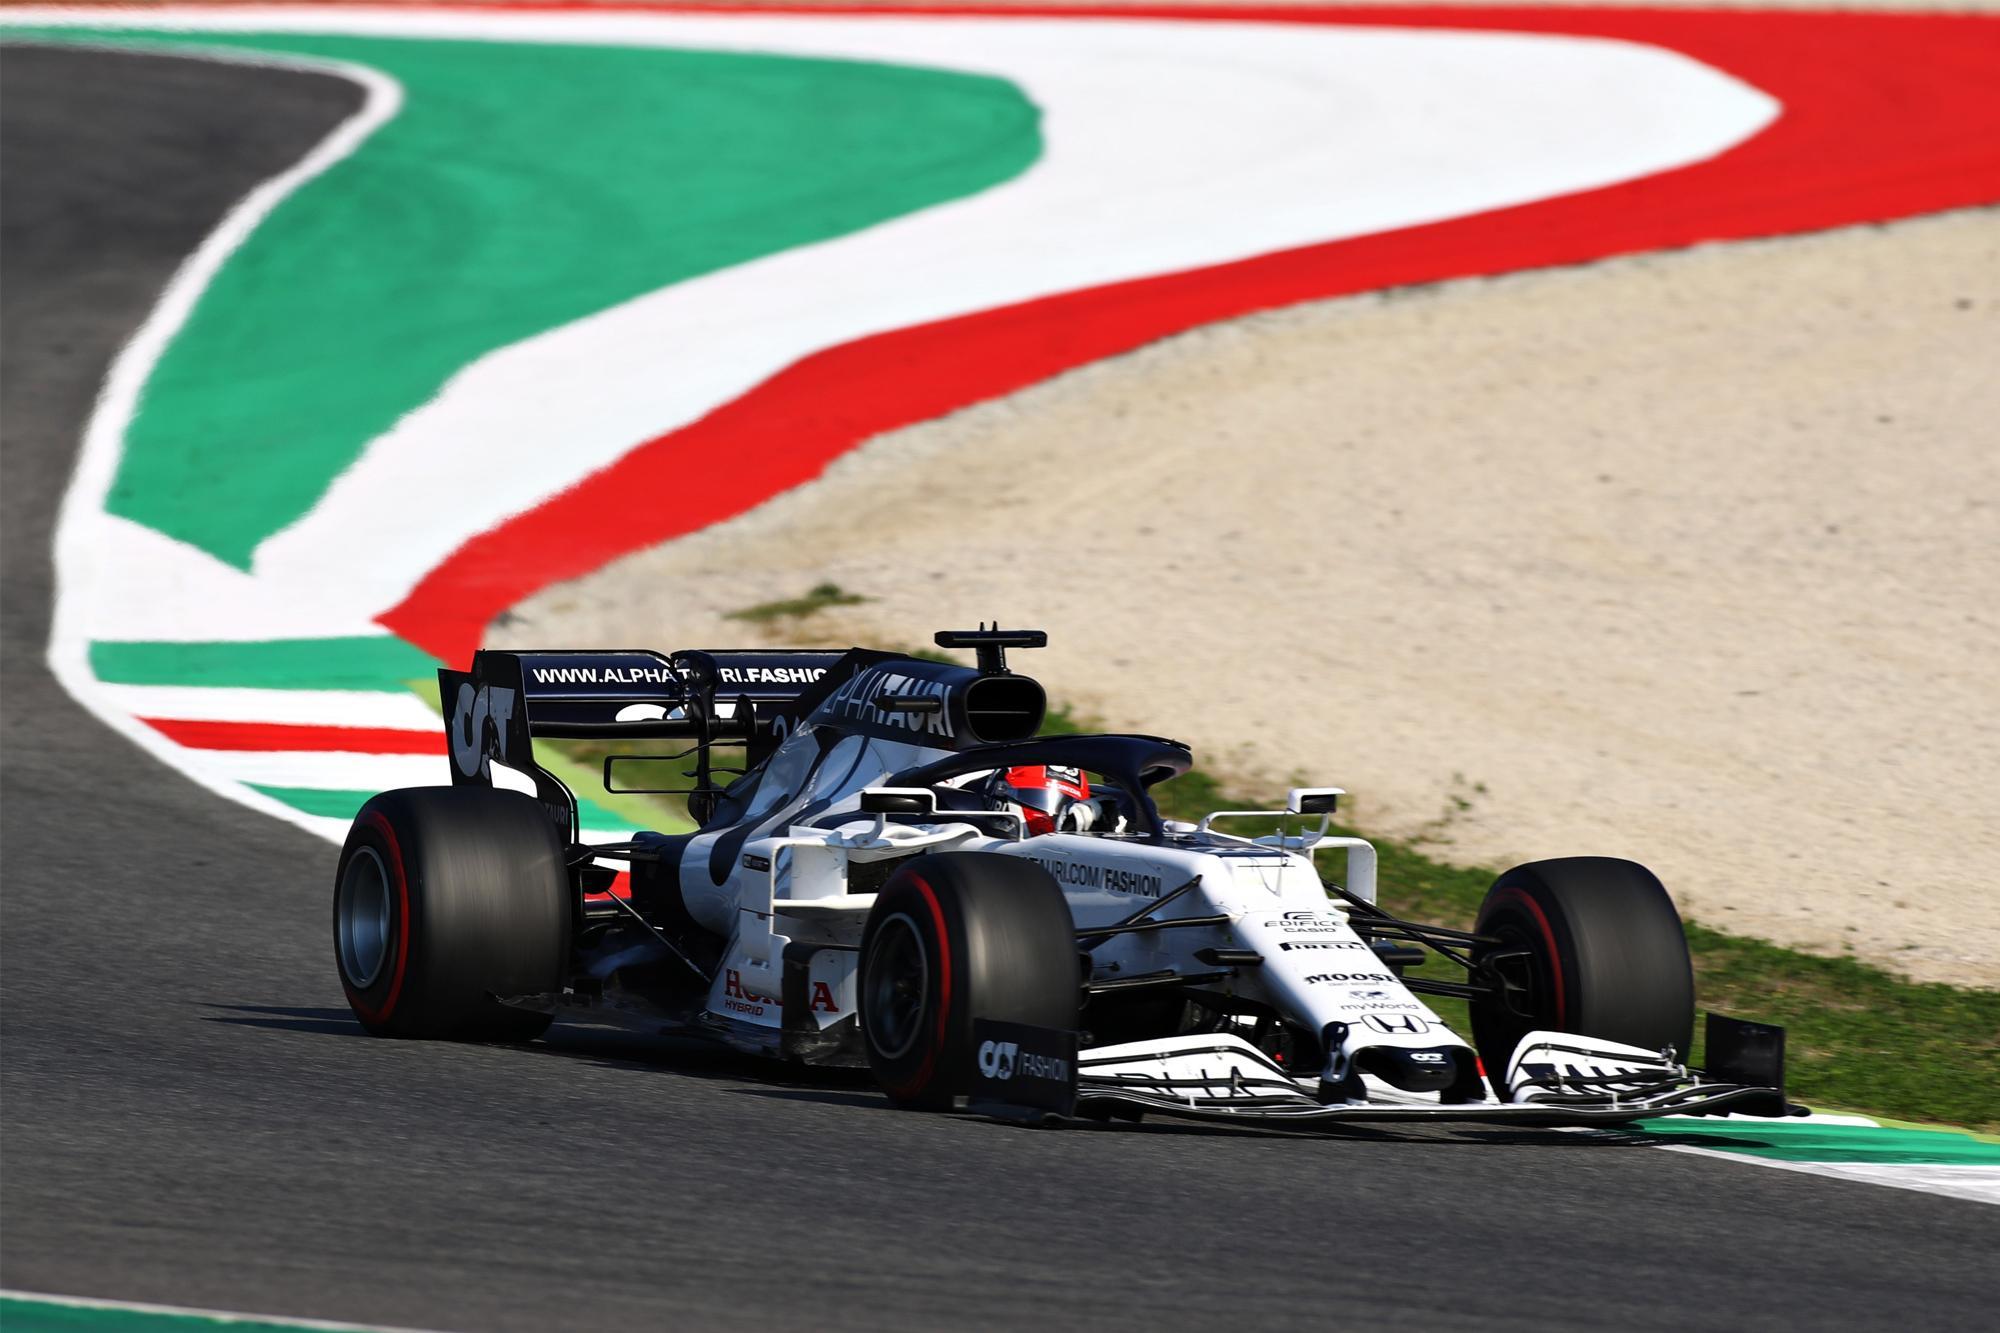 Η Honda ολοκληρώνει τη συμμέτοχη της στο παγκόσμιο πρωτάθλημα της F1